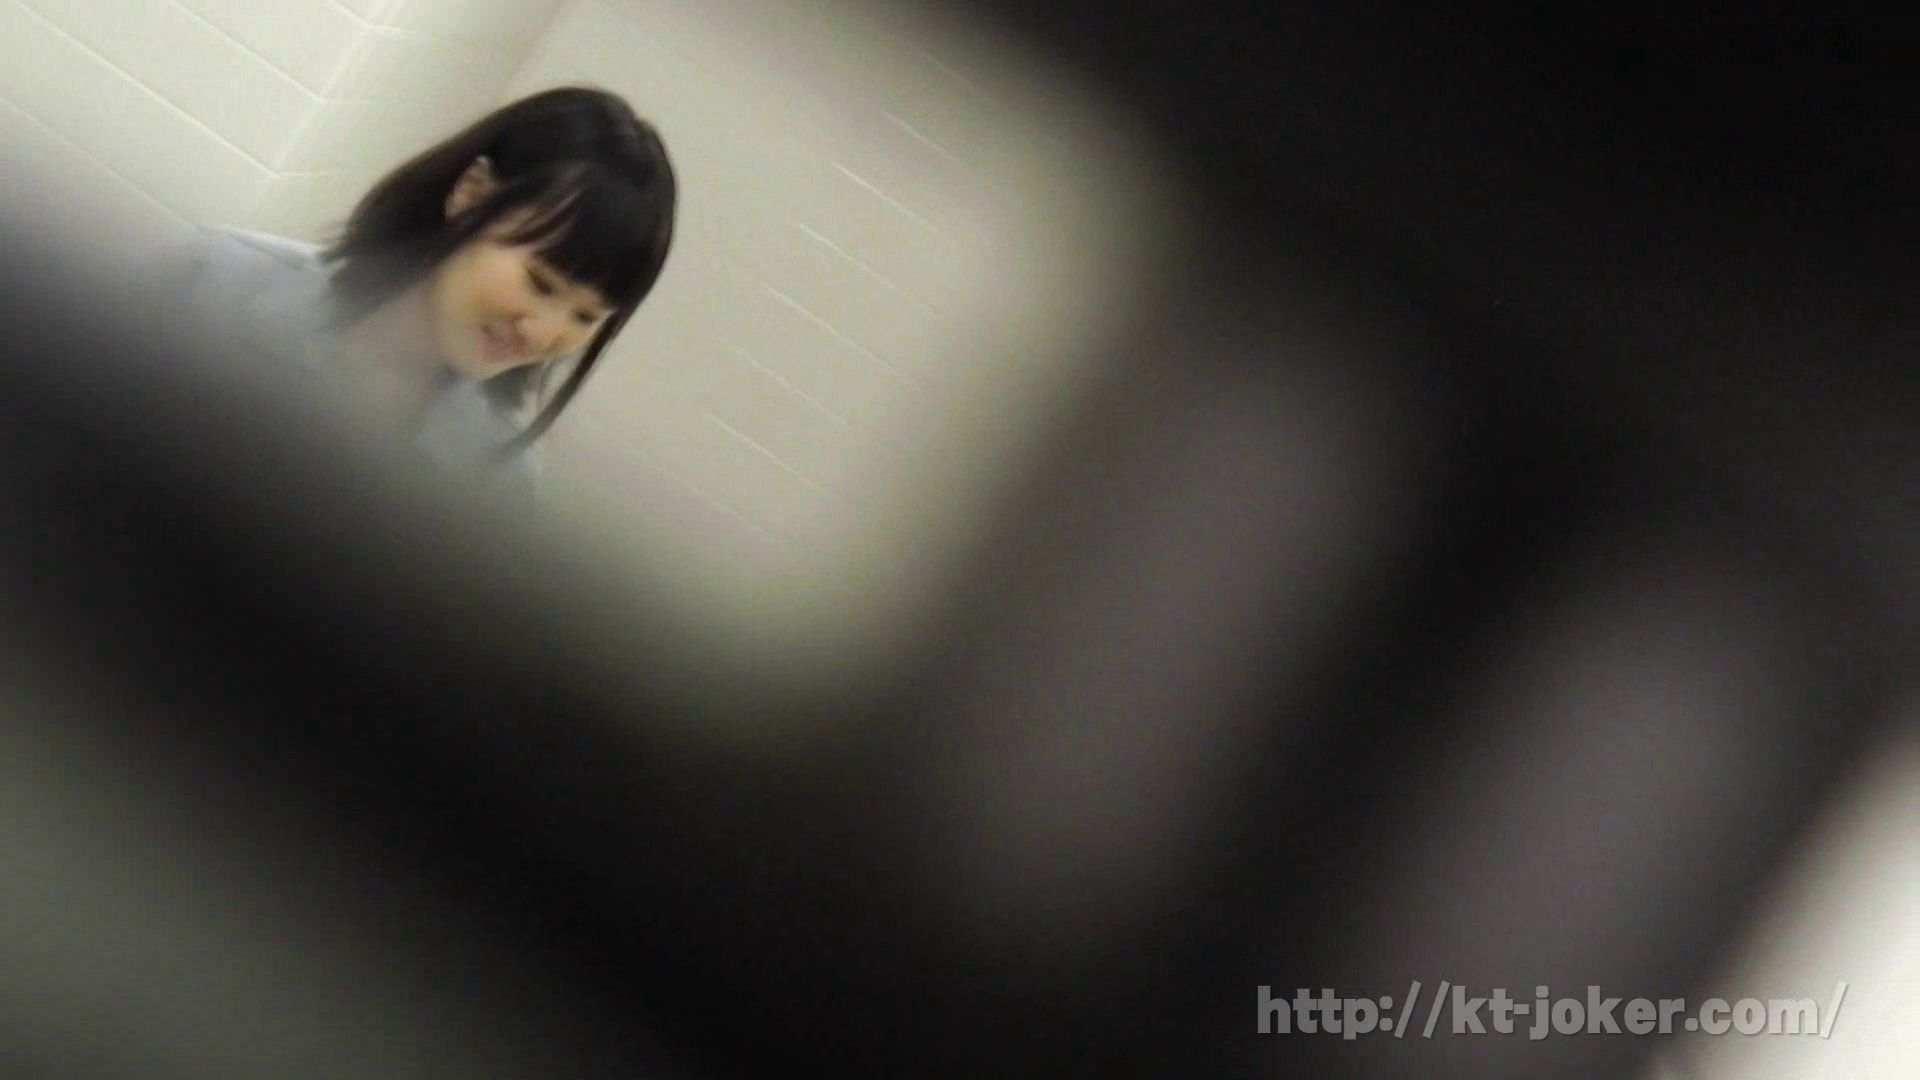 命がけ潜伏洗面所! vol.68 レベルアップ!! 0 | 0  28画像 19